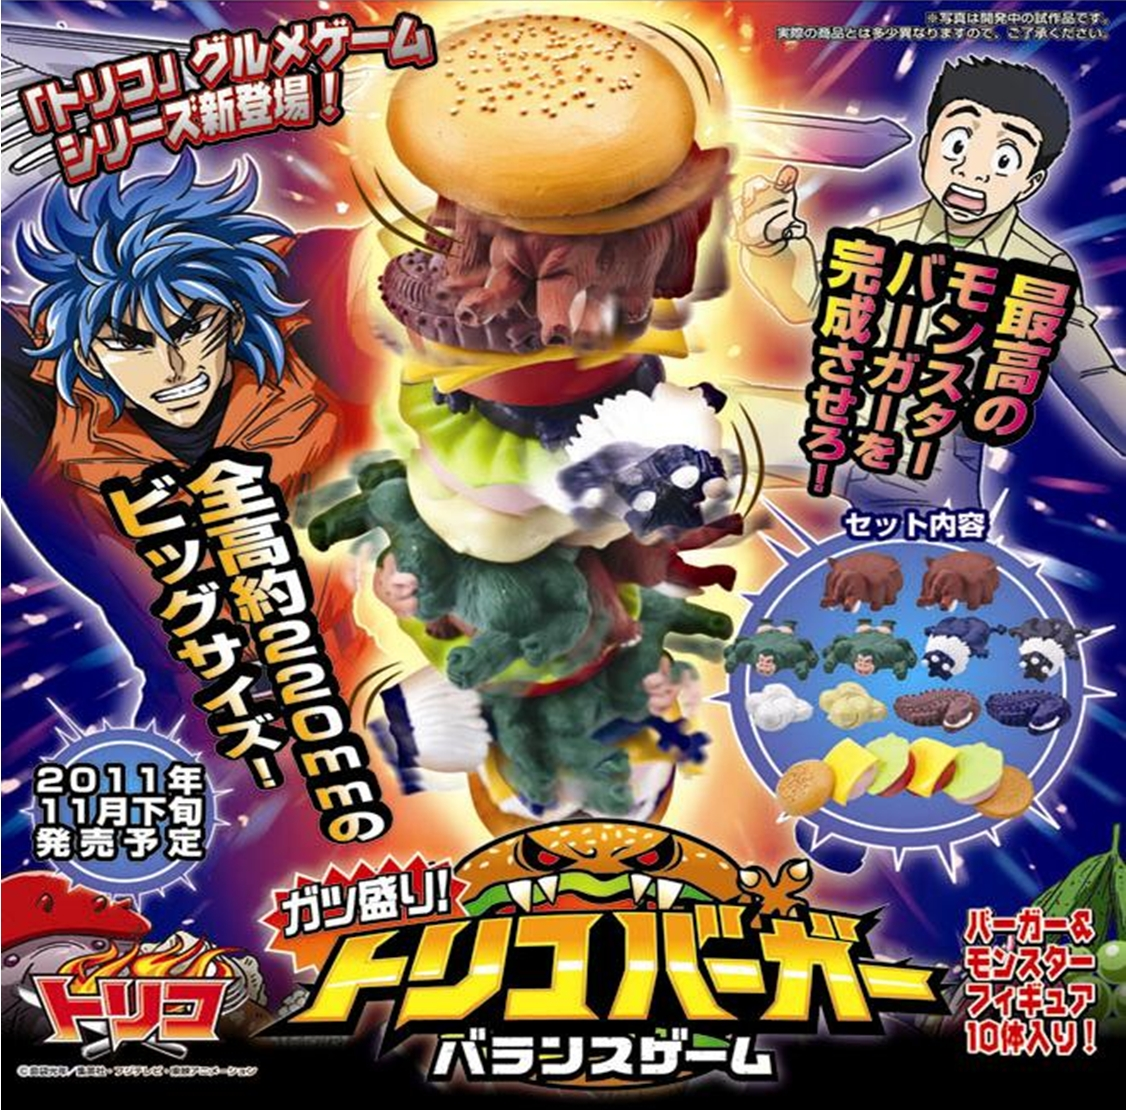 Aniplay Games/CD: [Tiriko] Gourmet Game Series Gatsumori